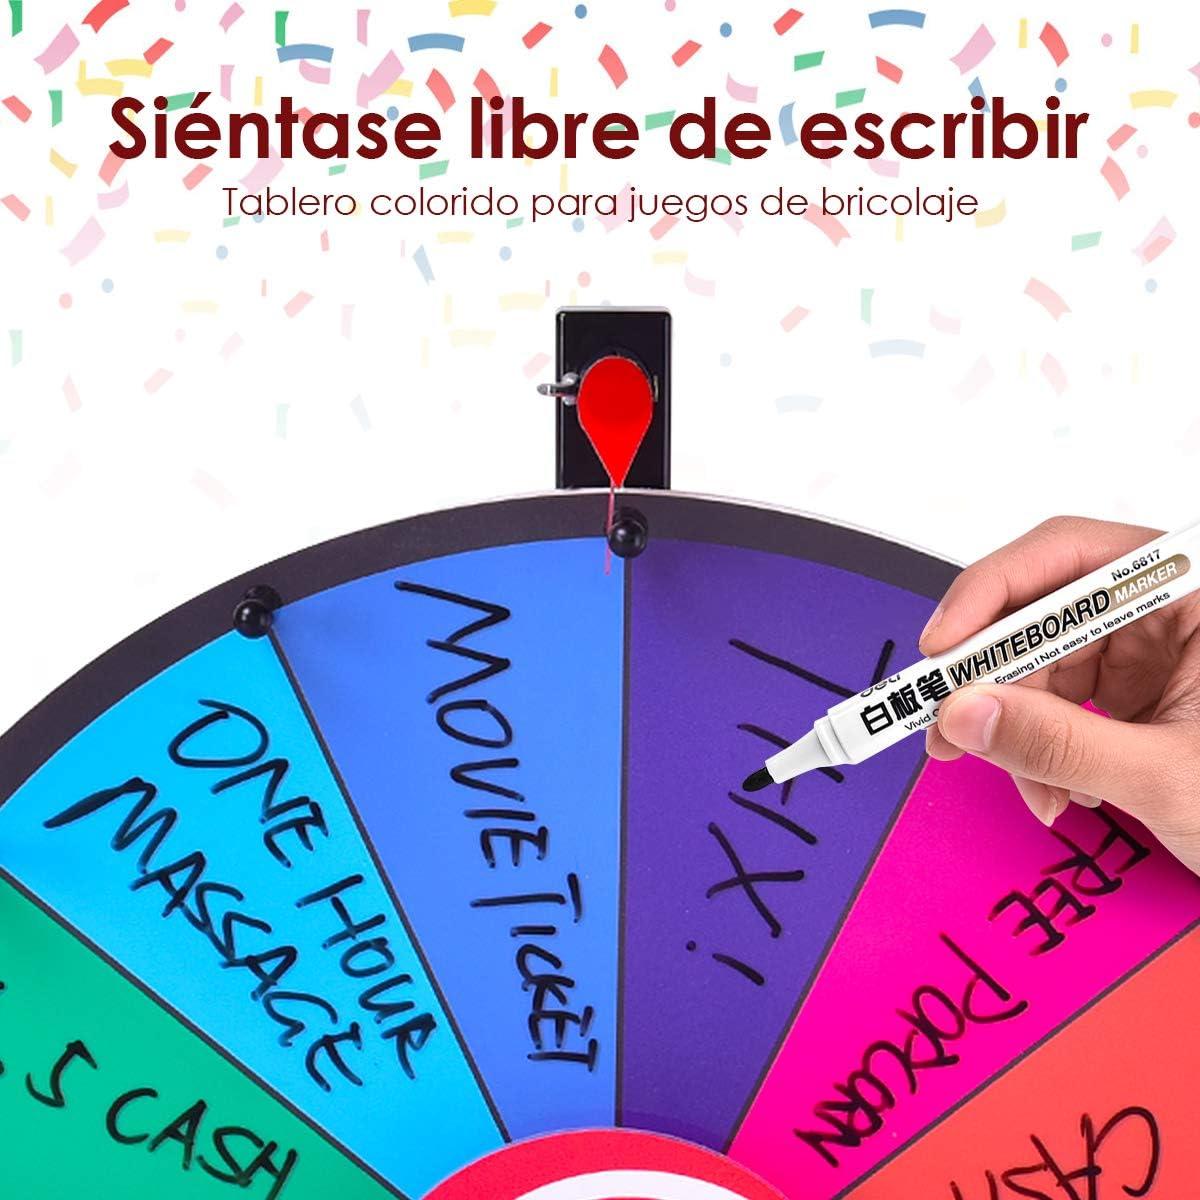 COSTWAY Ruleta de la Suerte Juego de Mesa con Soporte Puede Escribir y Limpiar con Pluma Borrable para Boda Fiesta Juguete Rueda (24 Pulgadas): Amazon.es: Juguetes y juegos